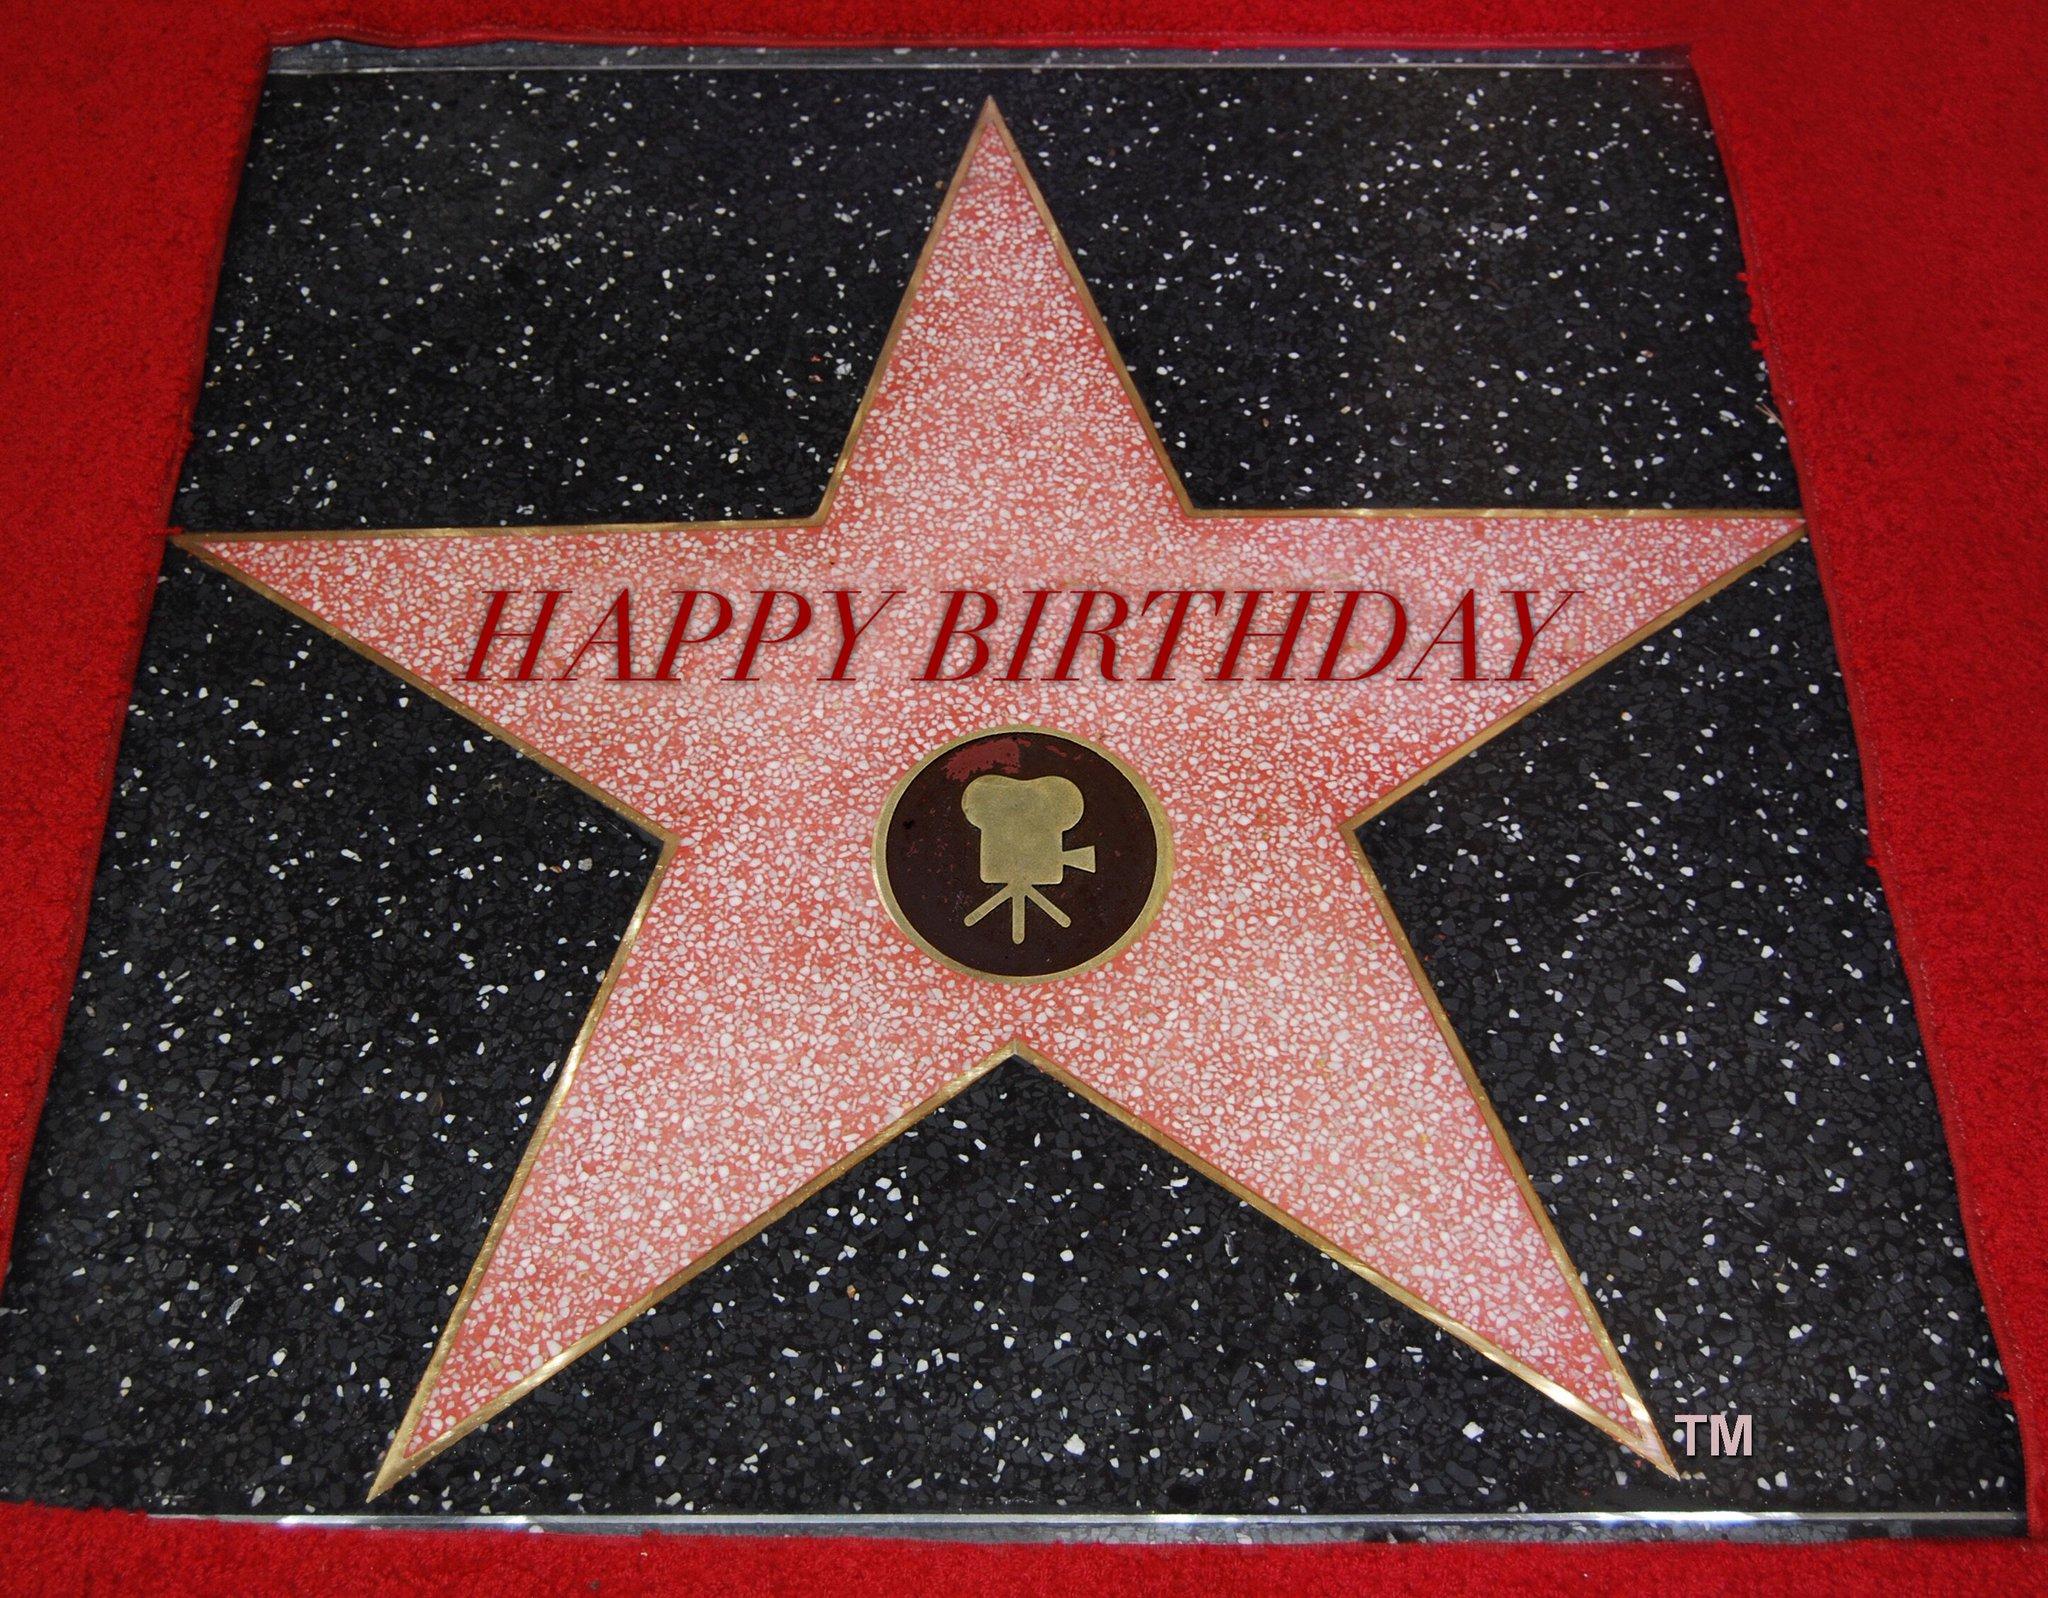 Happy Birthday to Walk of Famer Jennifer Aniston!